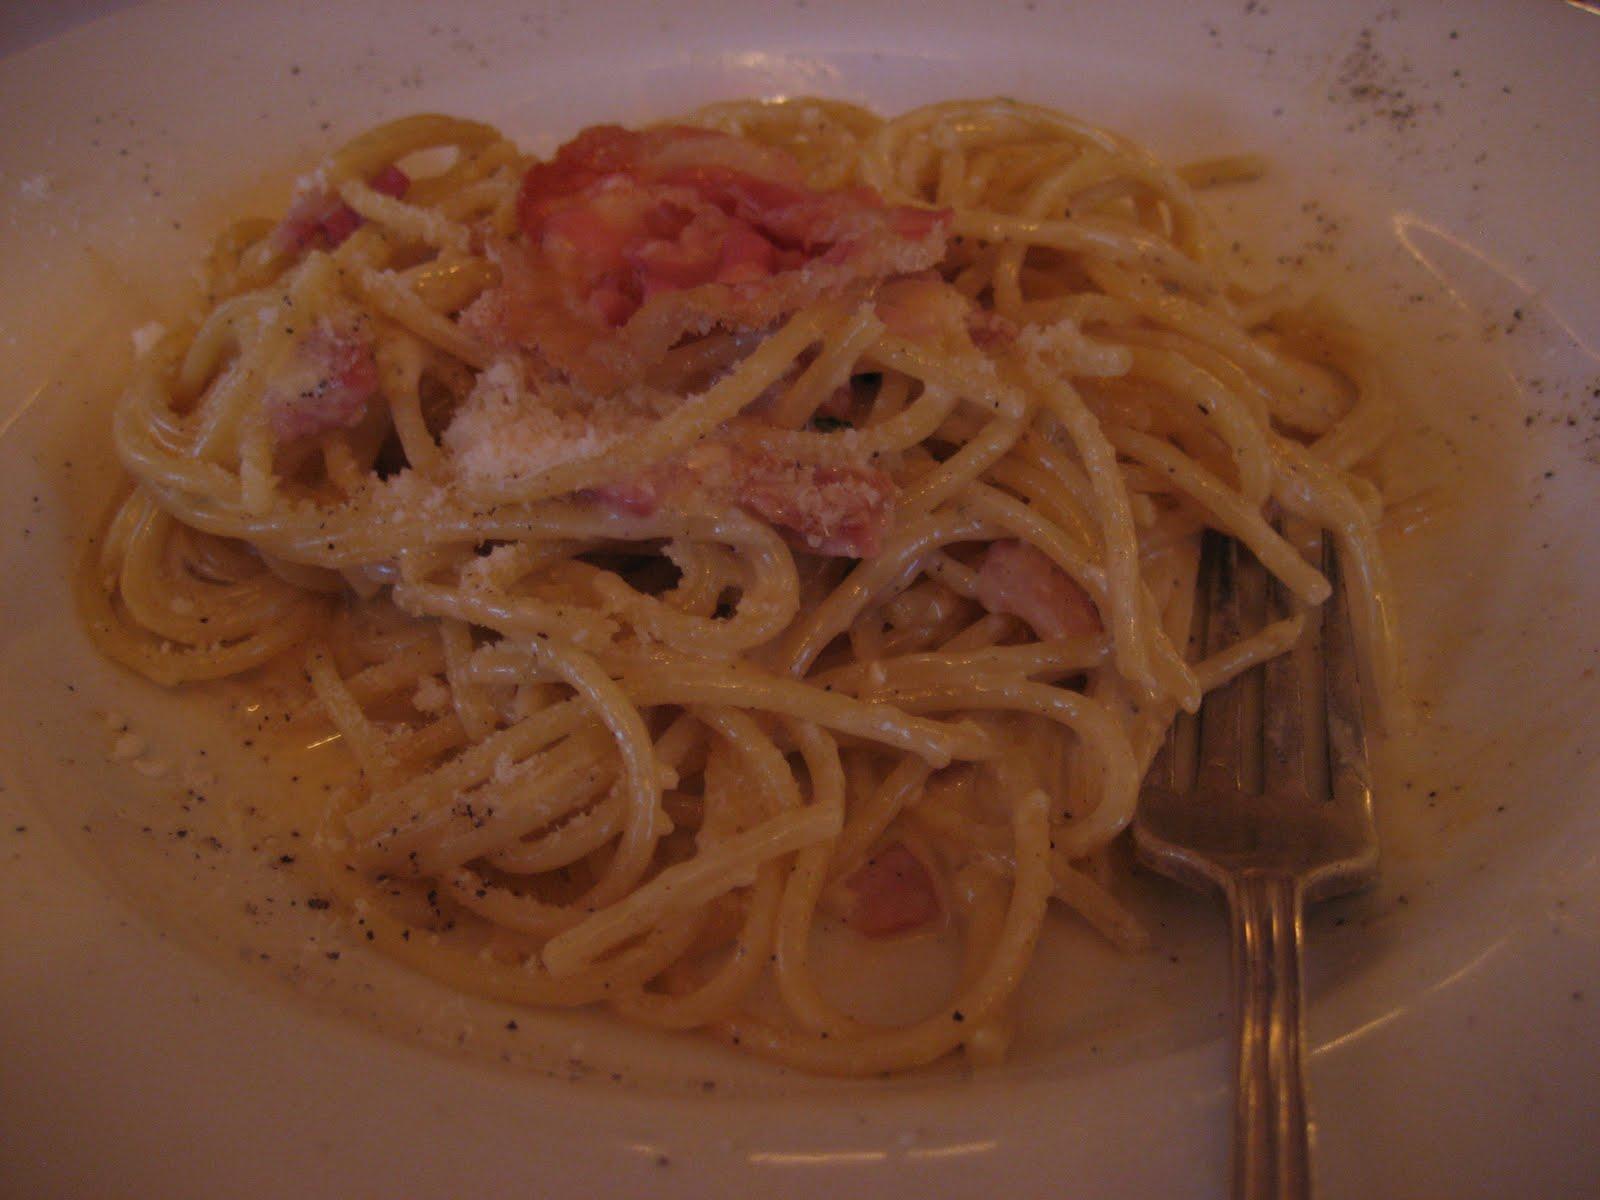 Mission: Food: August 2010